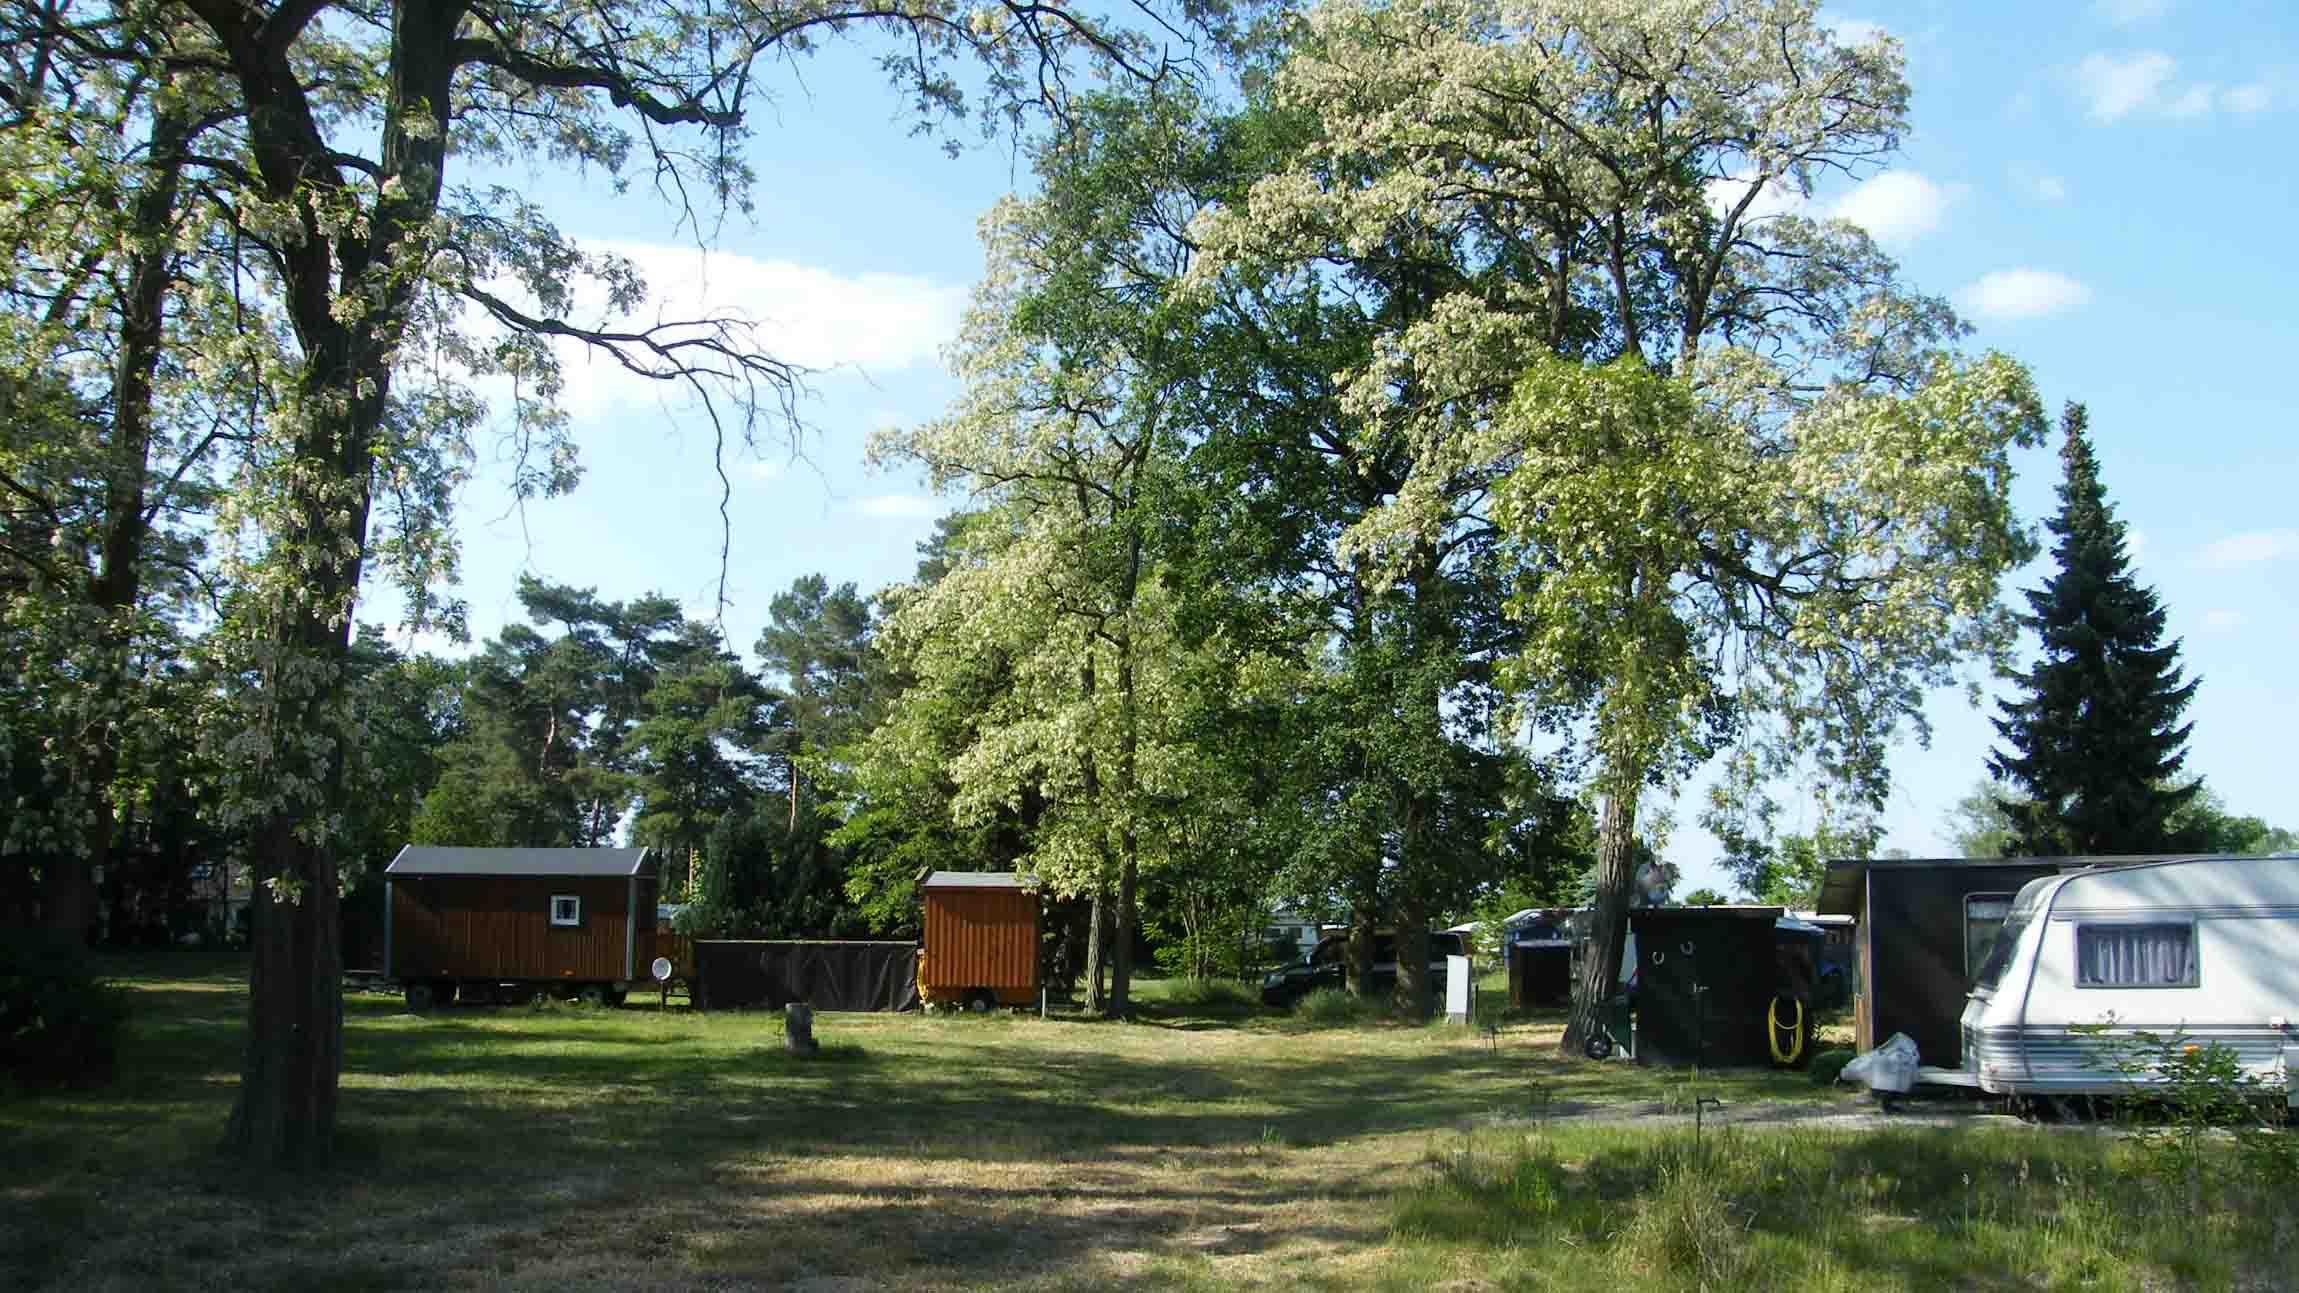 celle-wienhausen-campingplatz-allerstrand